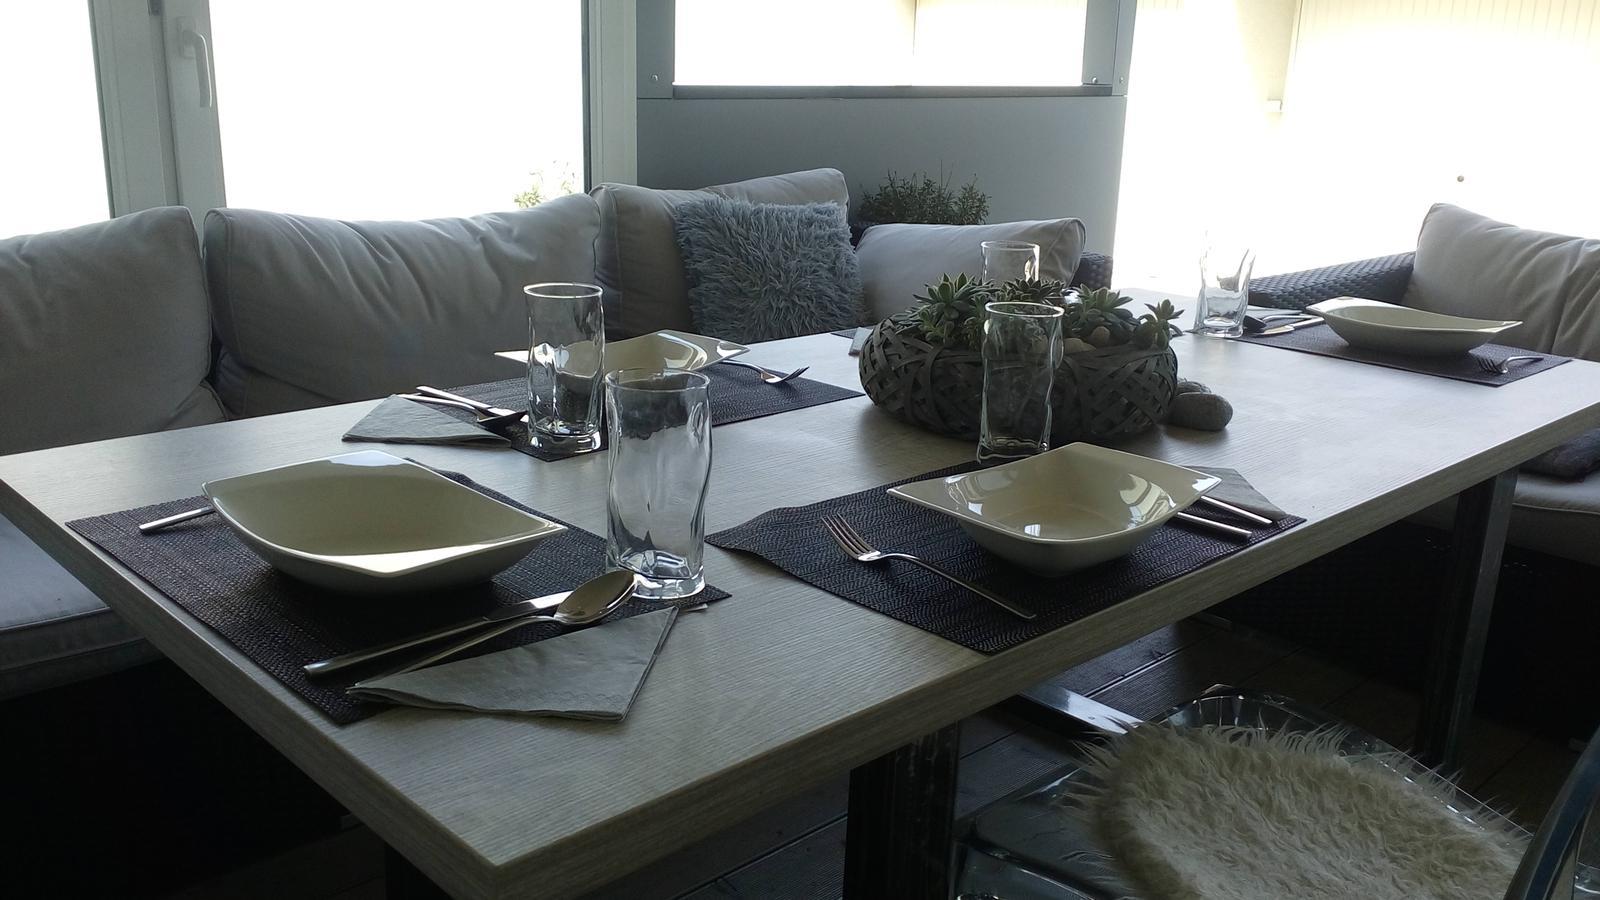 Letní obývák s jídelnou :) - Obrázek č. 2